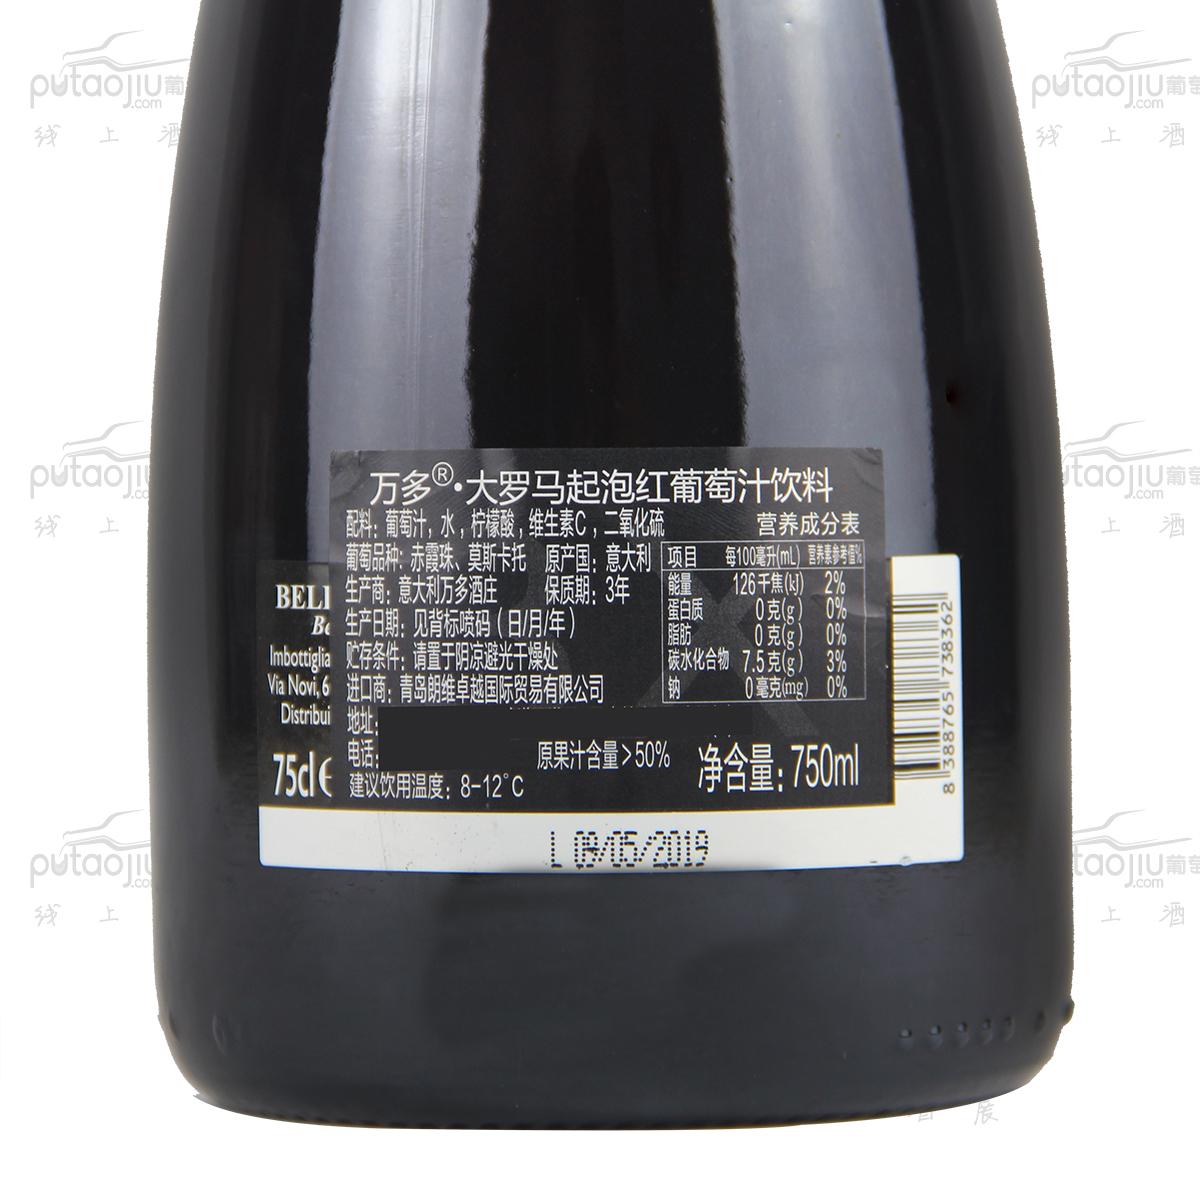 意大利艾米利亚万多酒庄大罗马赤霞珠莫斯卡托VDT起泡红葡萄汁饮料